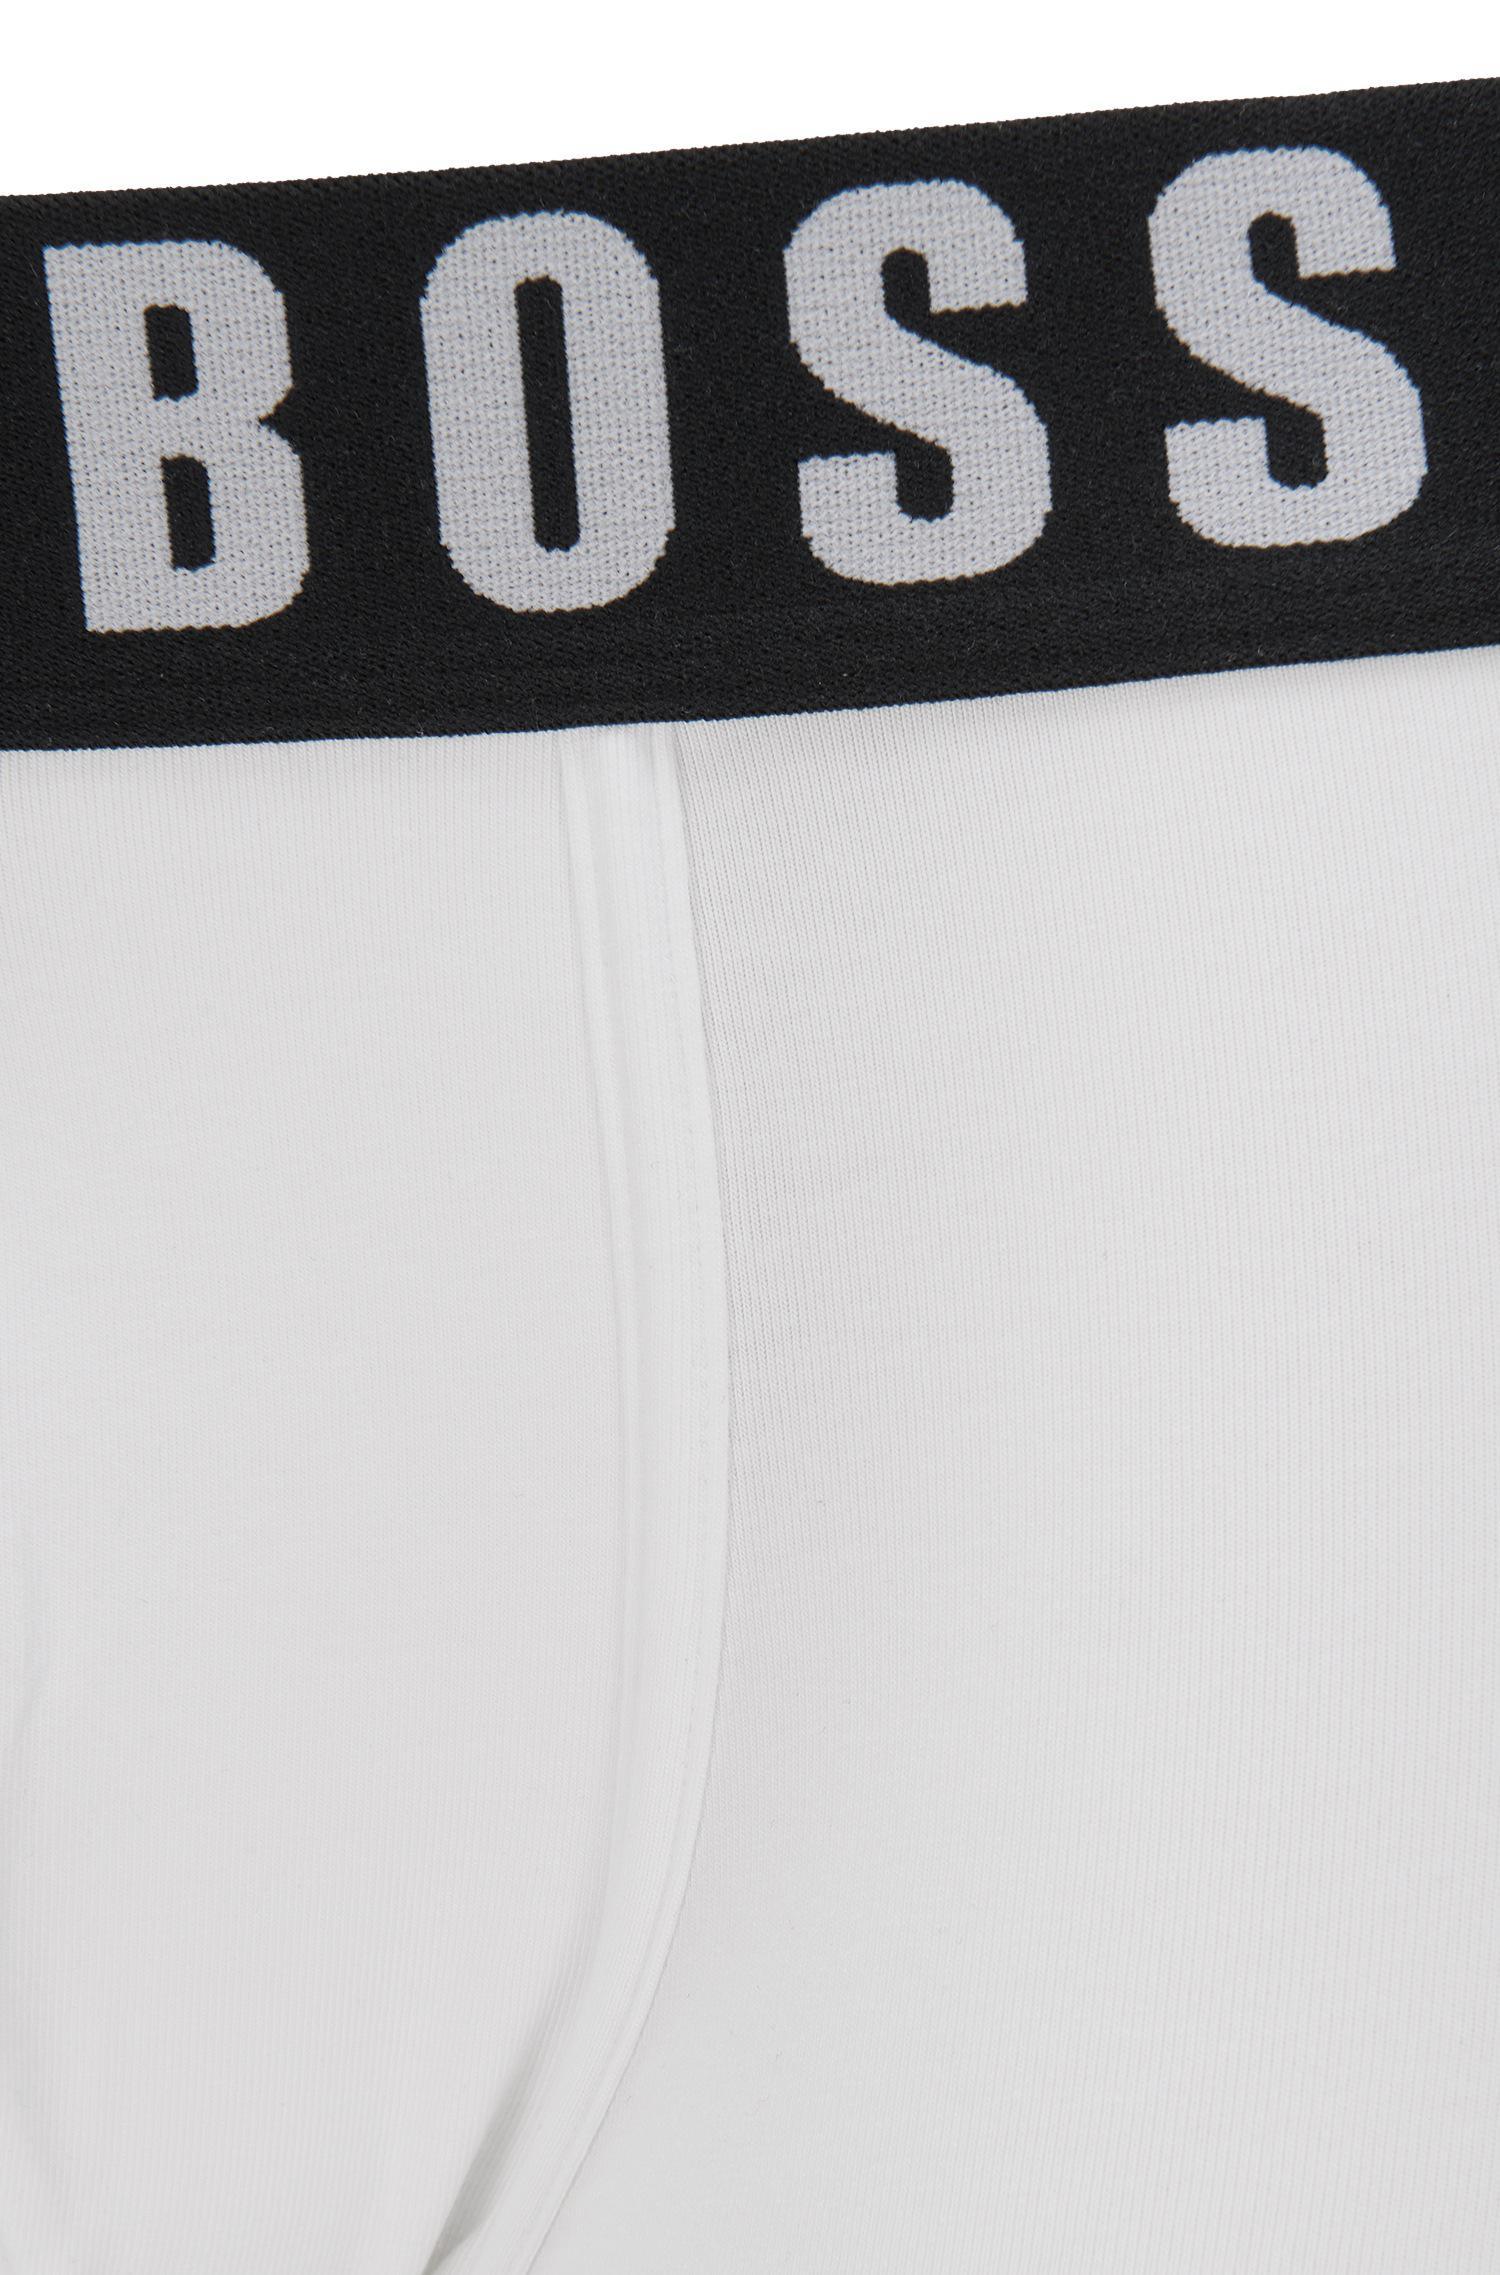 c53590fefb4 Lyst - BOSS Stretch Cotton Modal Logo Trunk